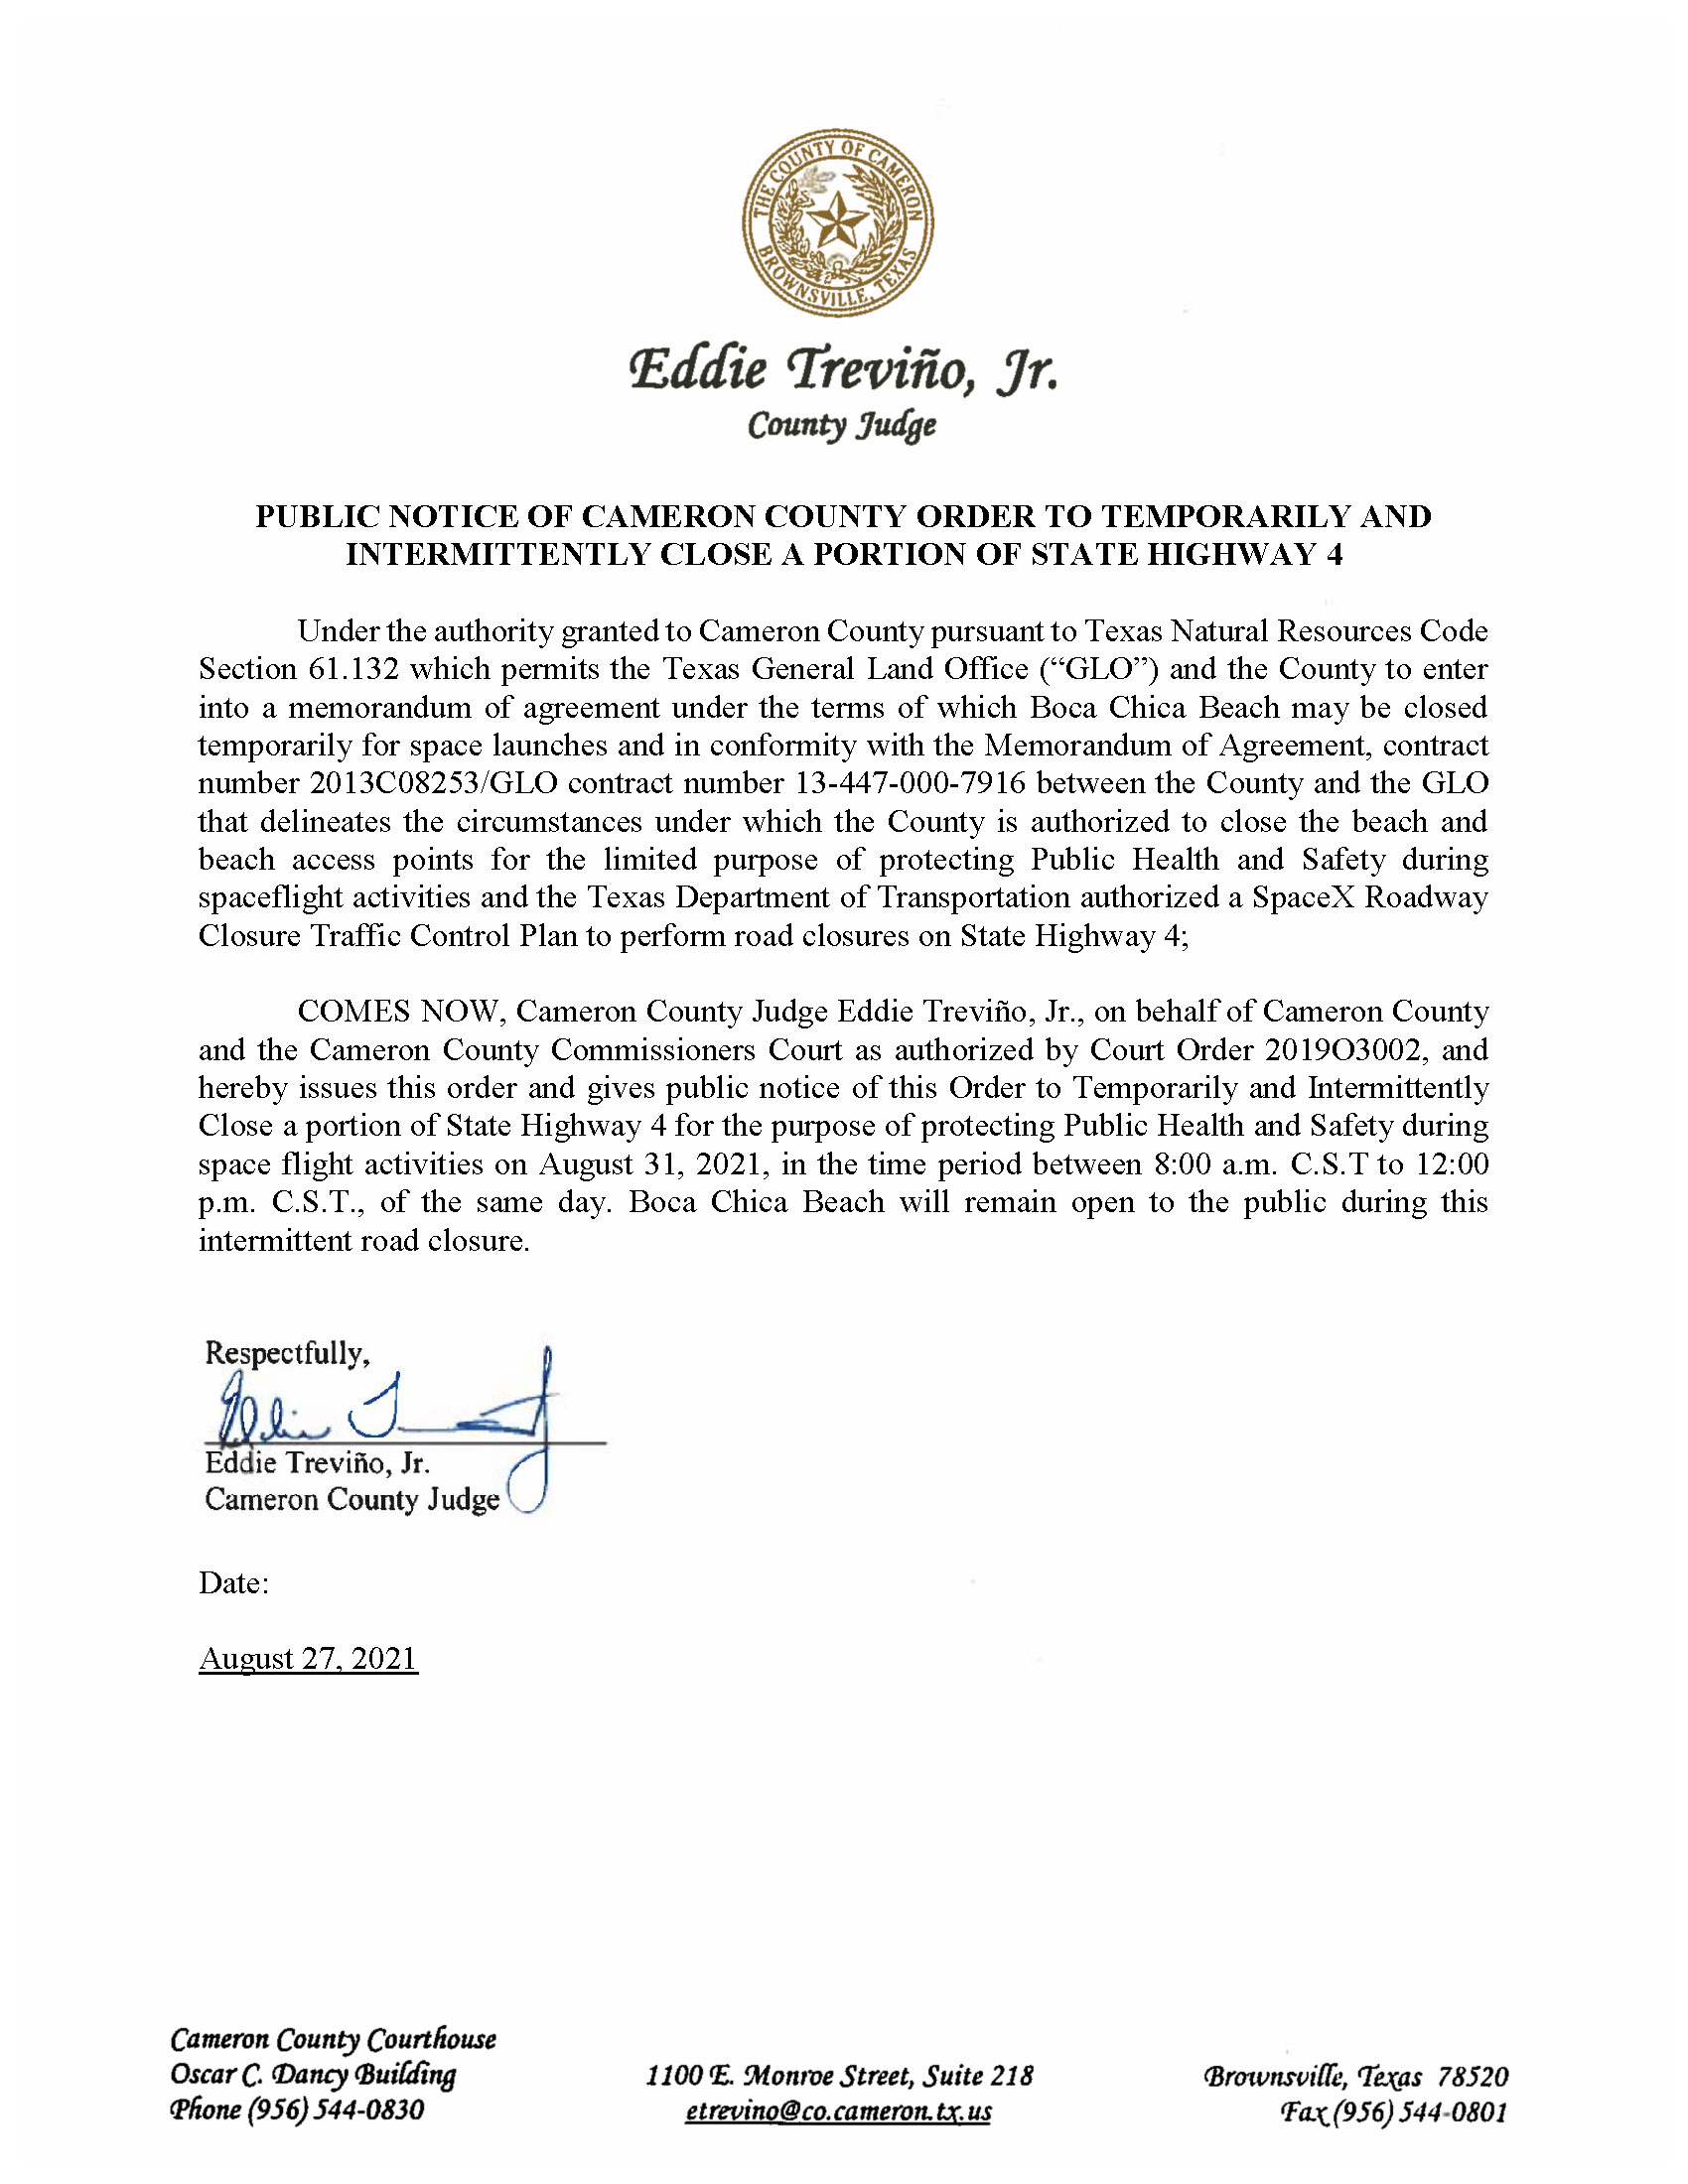 PUBLIC NOTICE OF CAMERON COUNTY ORDER TEMP. ROAD CLOSURE. 08.31.2021